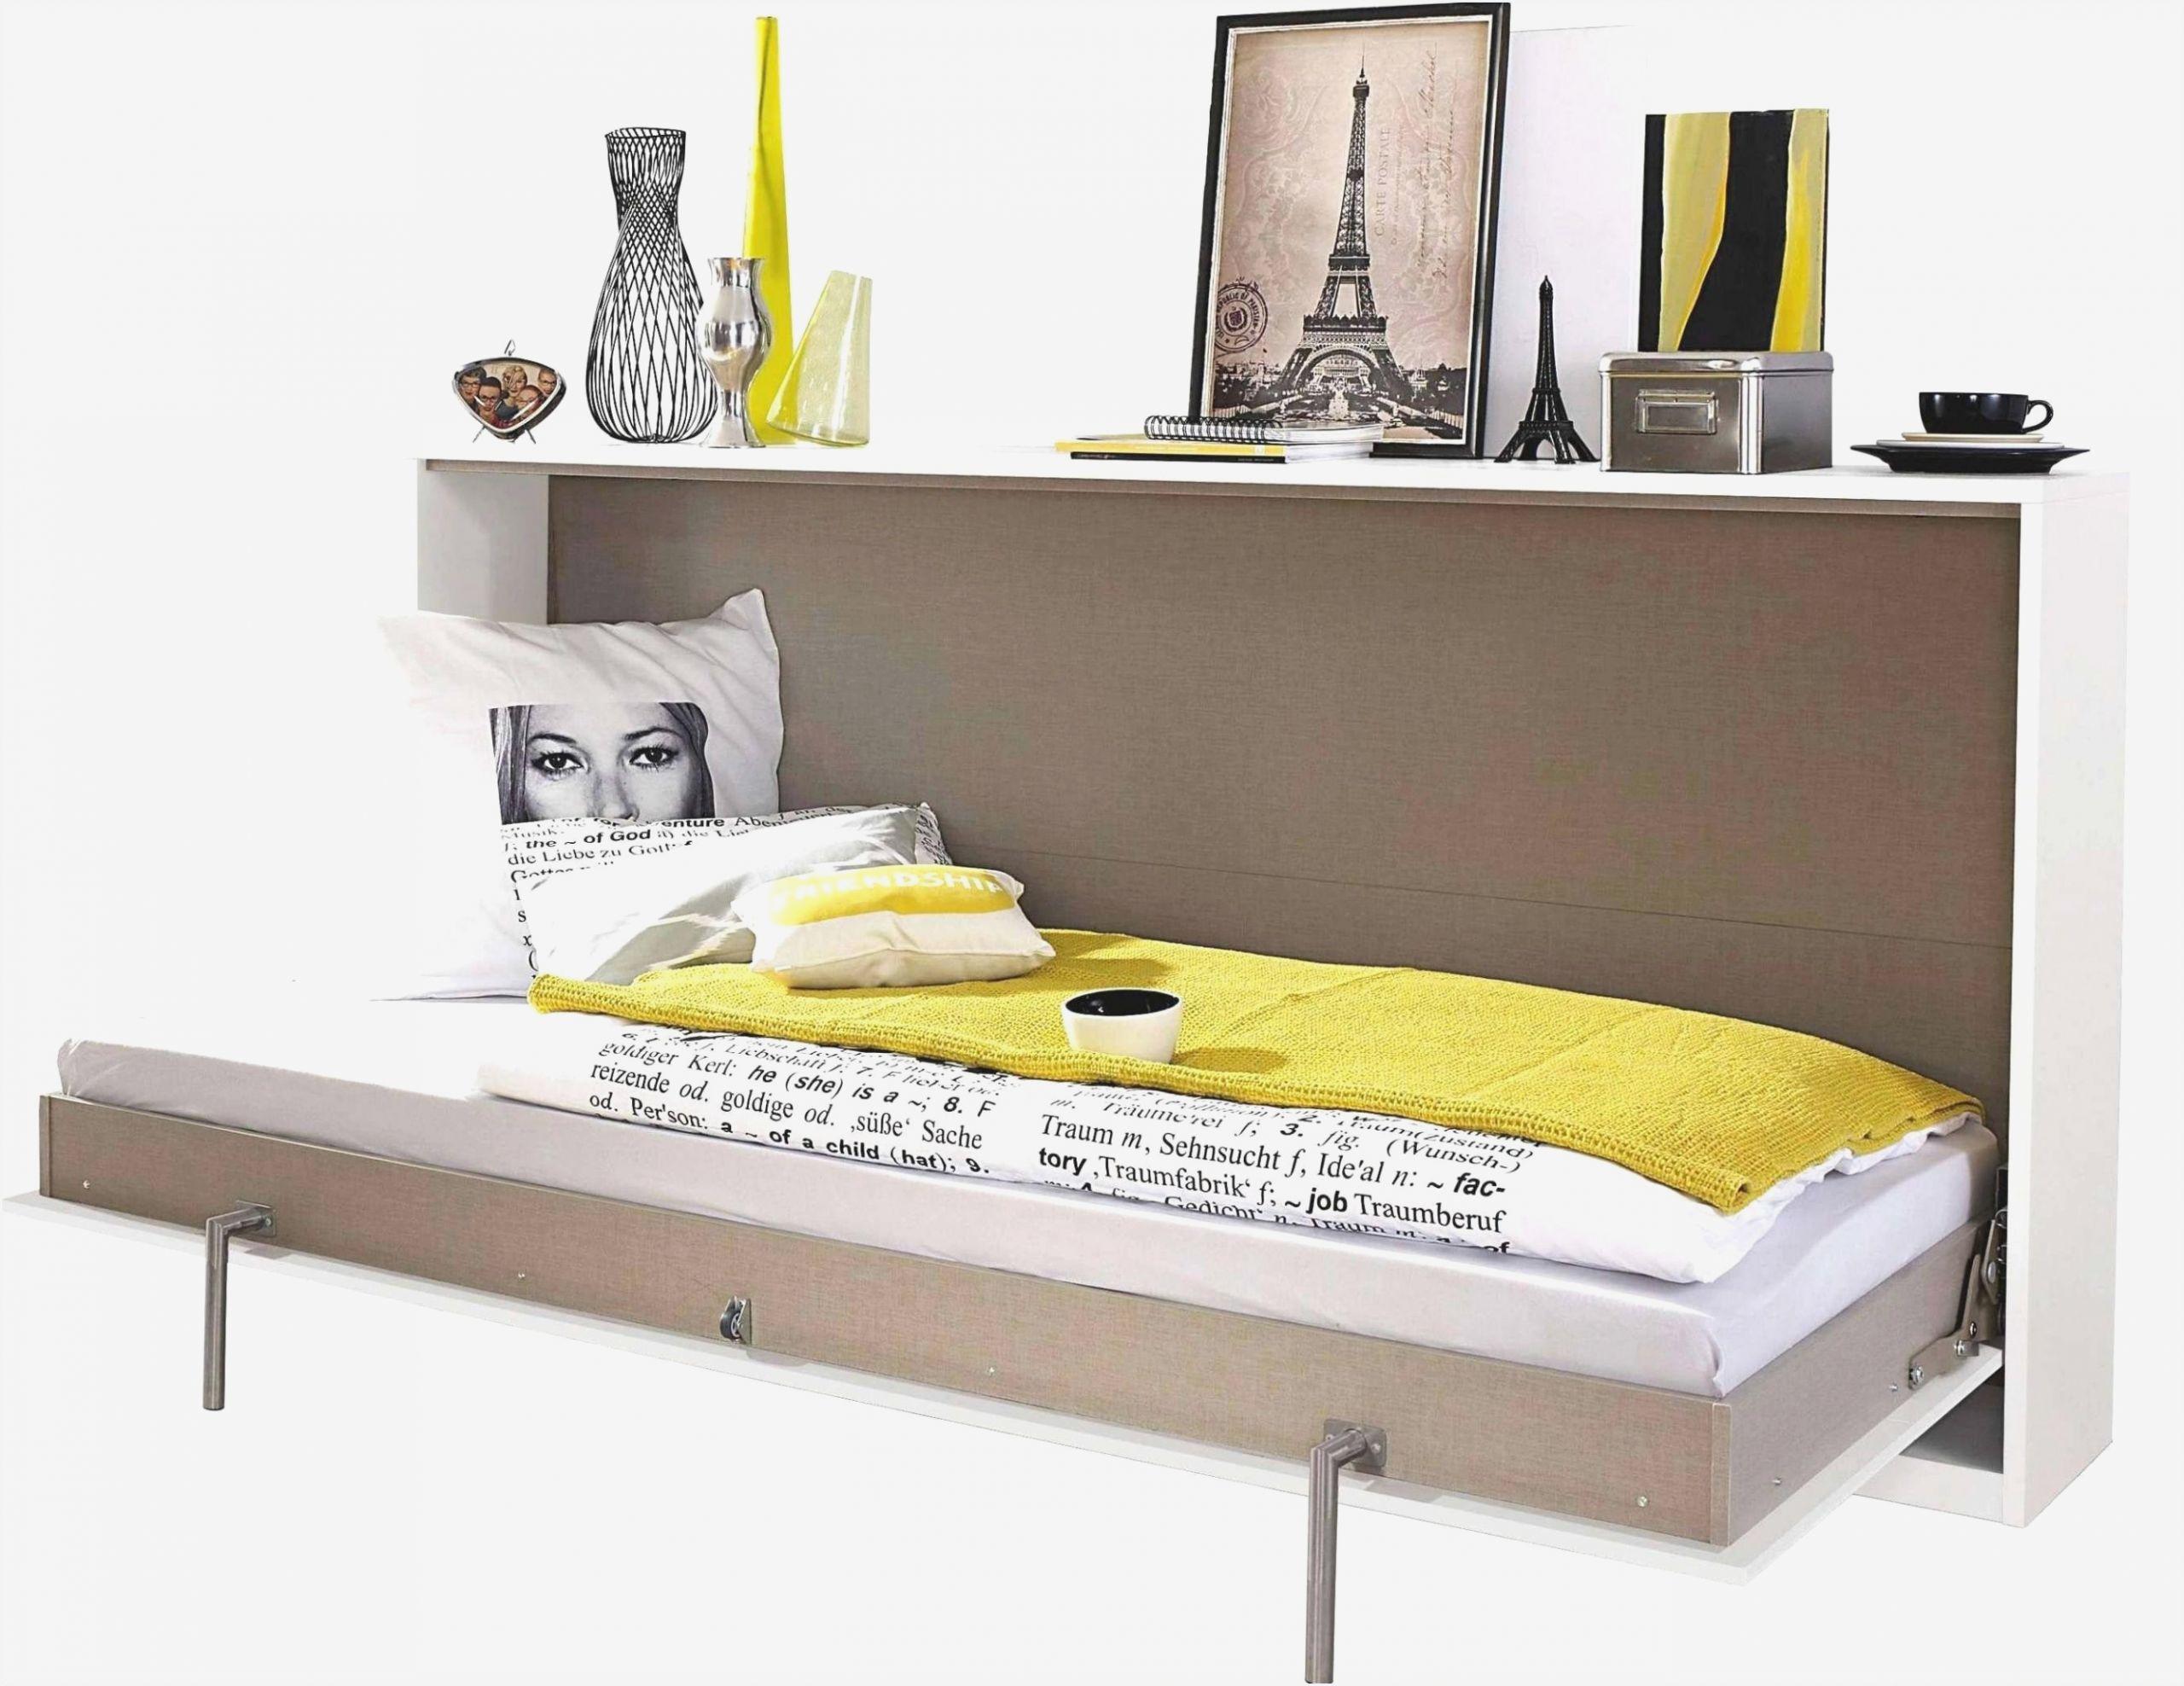 Full Size of Truhe Schlafzimmer Ikea Traumhaus Dekoration Komplett Mit Lattenrost Und Matratze Deckenleuchten Tapeten Günstige Sessel Wandtattoo Regal Komplettangebote Schlafzimmer Truhe Schlafzimmer